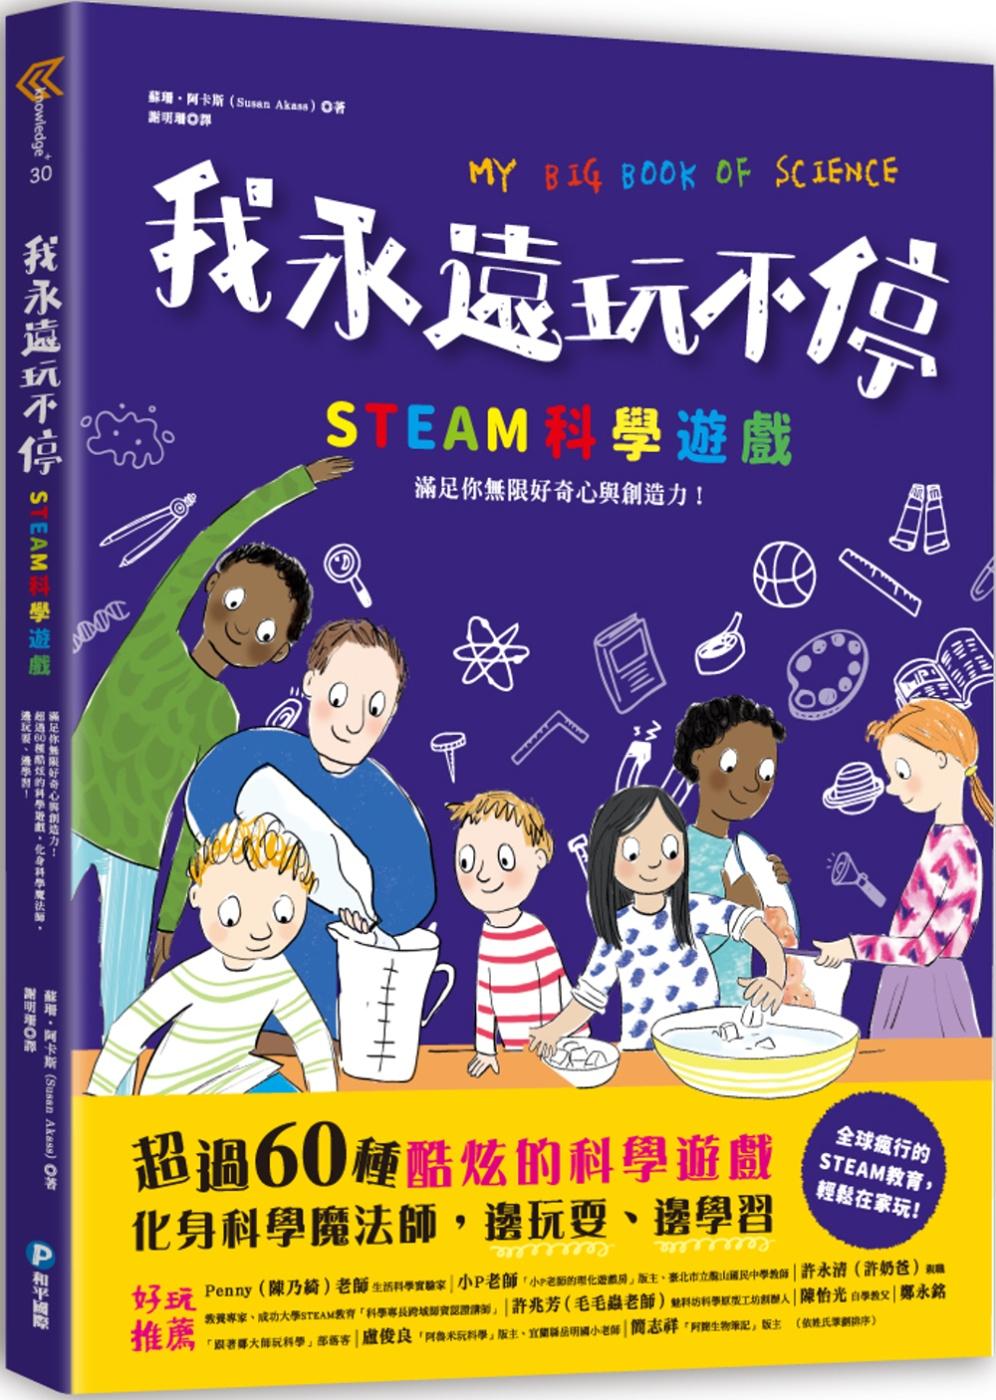 我永遠玩不停‧STEAM科學遊戲:滿足你無限好奇心與創造力!超過60種酷炫的科學遊戲,化身科學魔法師,邊玩耍、邊學習!